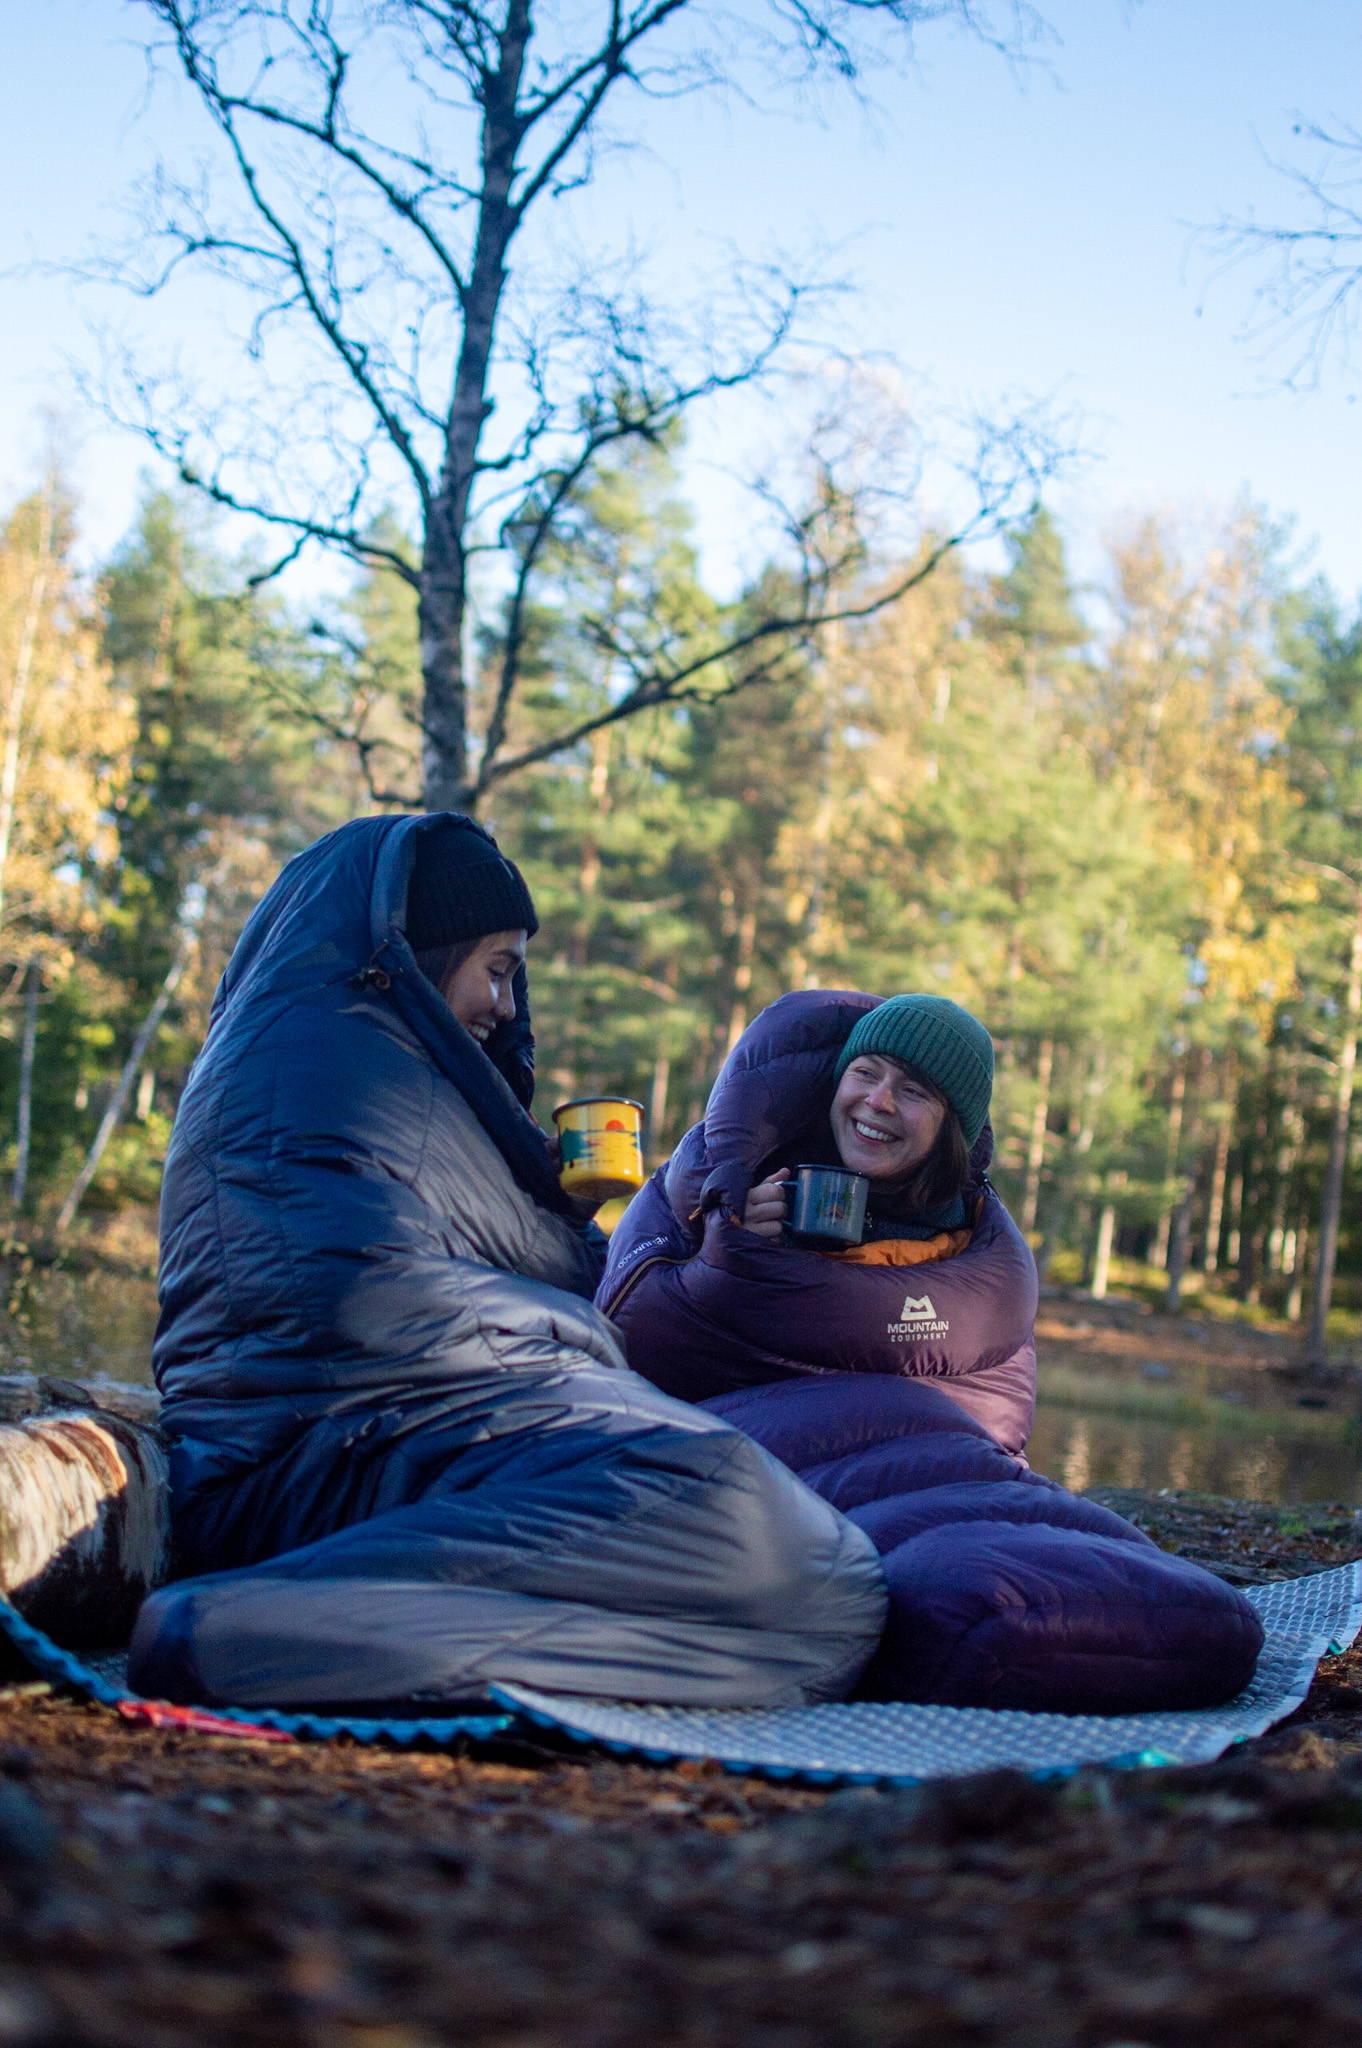 Vilde og Julia testet både hengekøyer og annet utstyr på tur